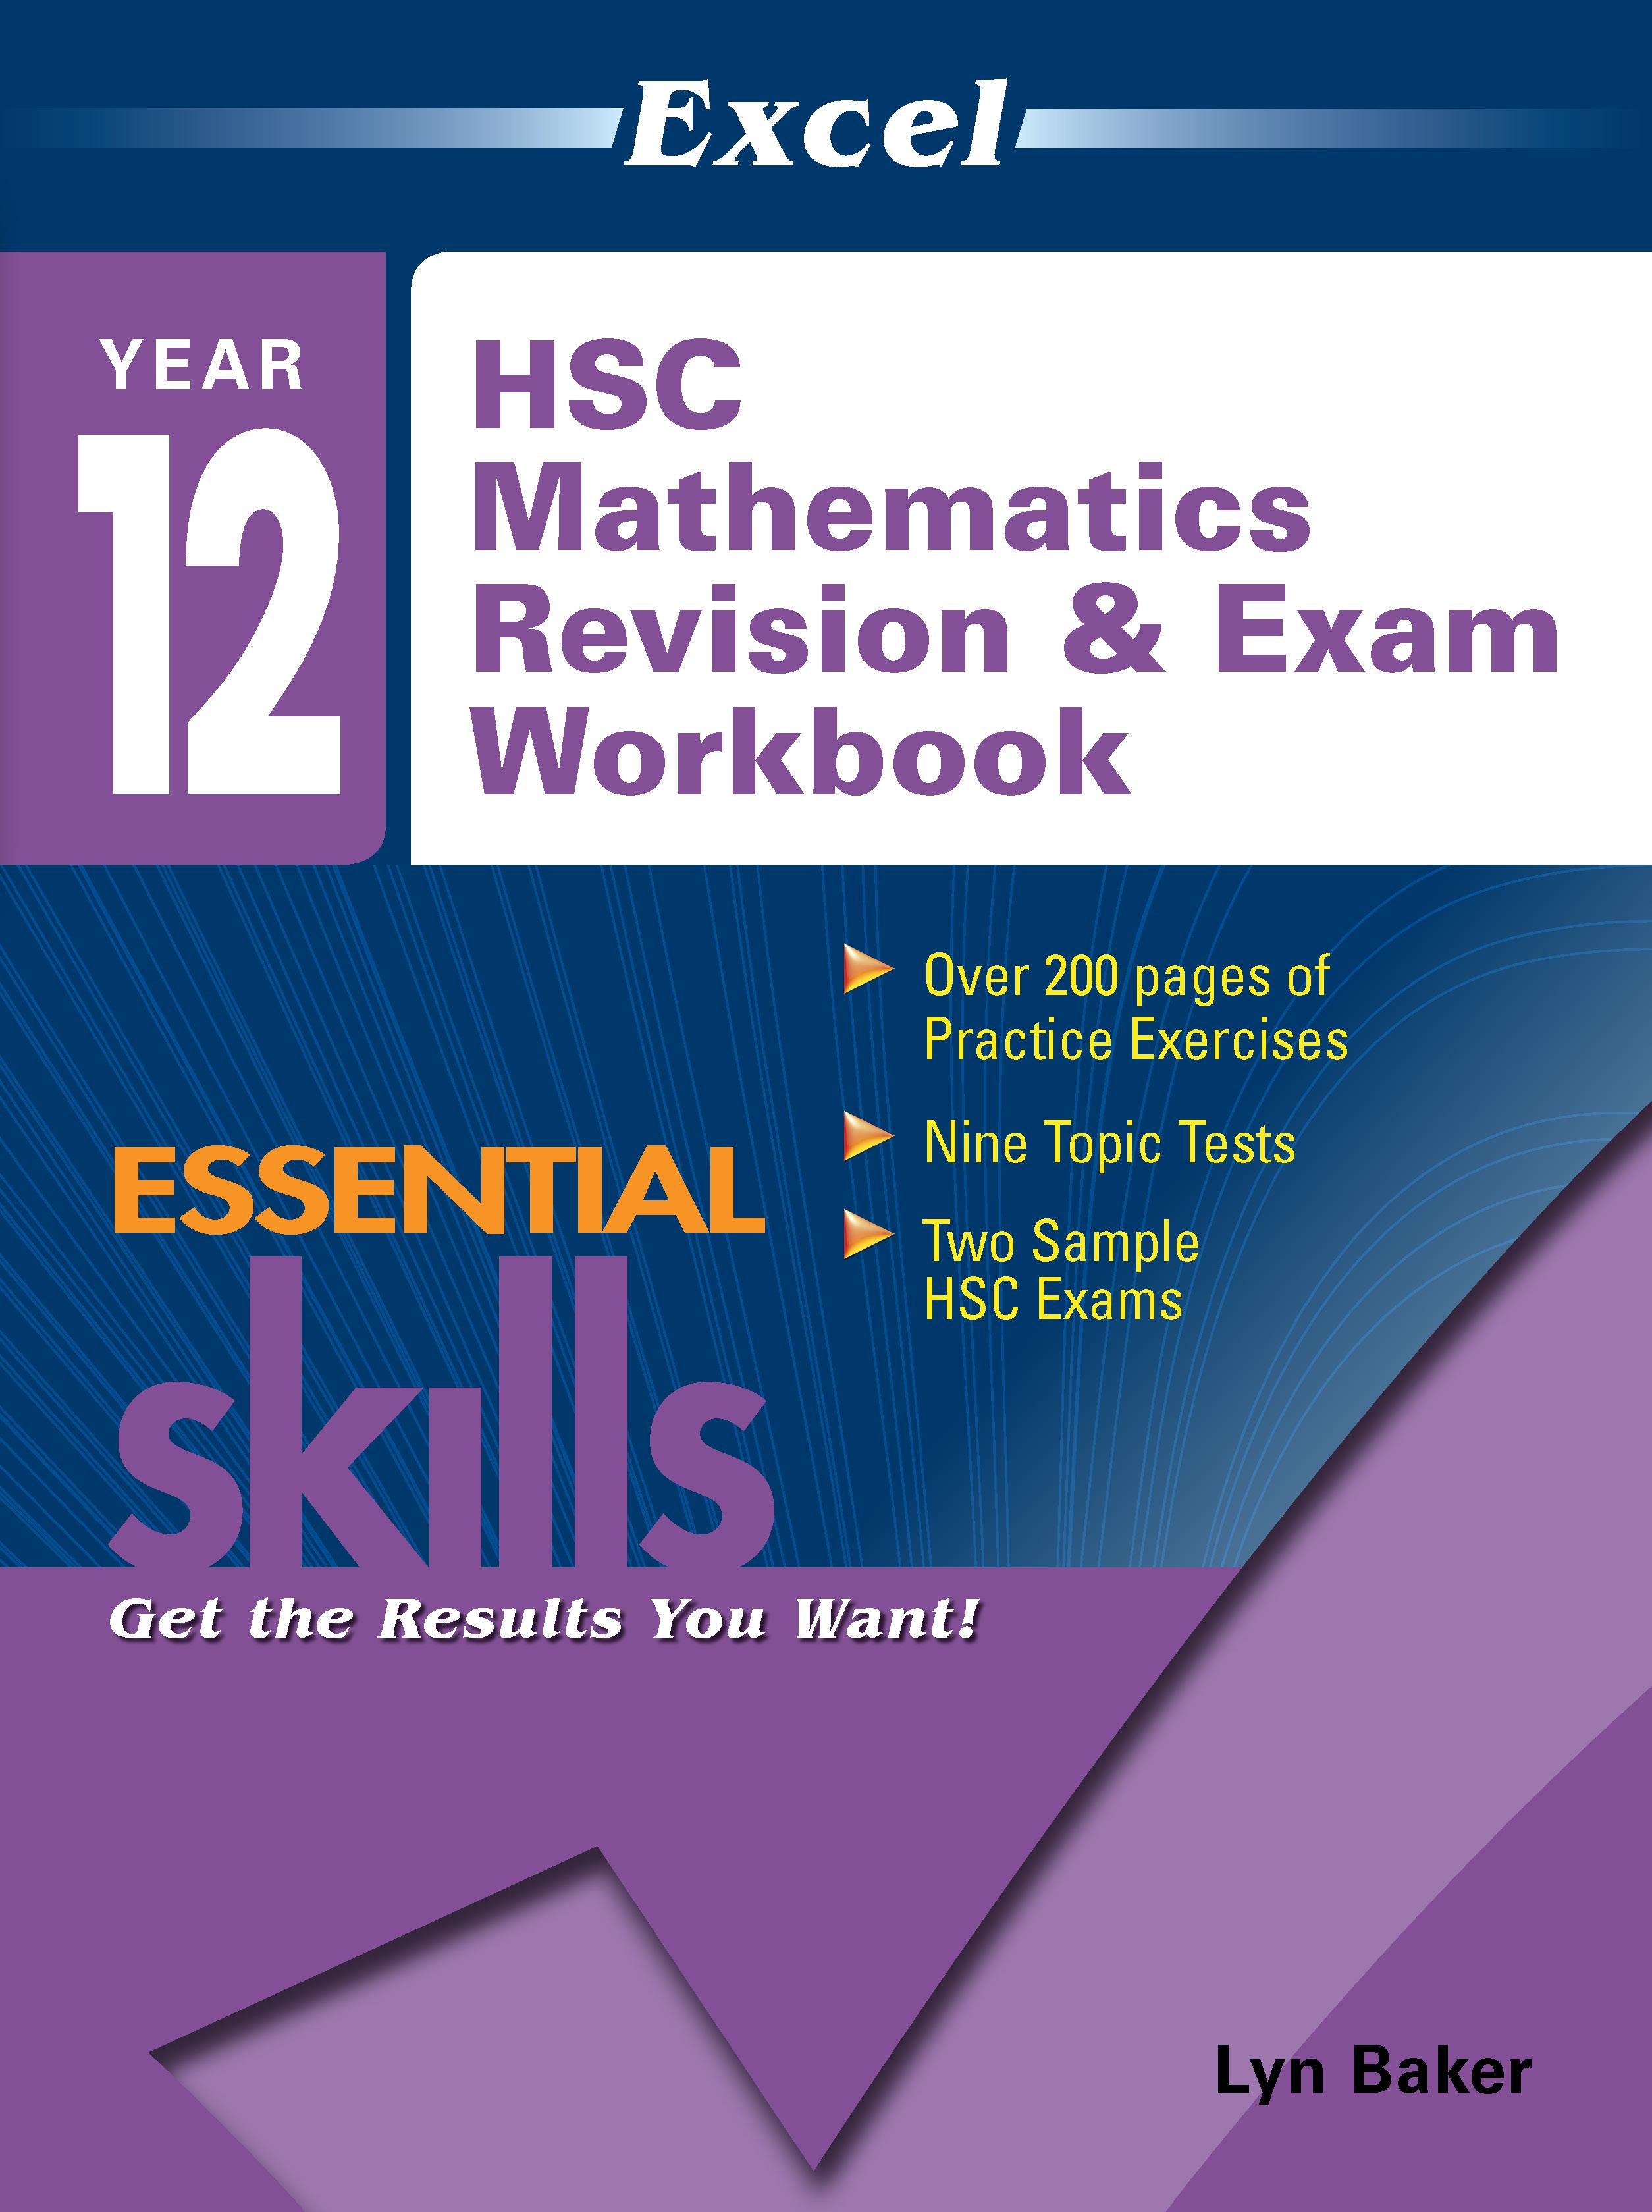 Excel Essential Skills: HSC Mathematics Revision & Exam Workbook Year 12